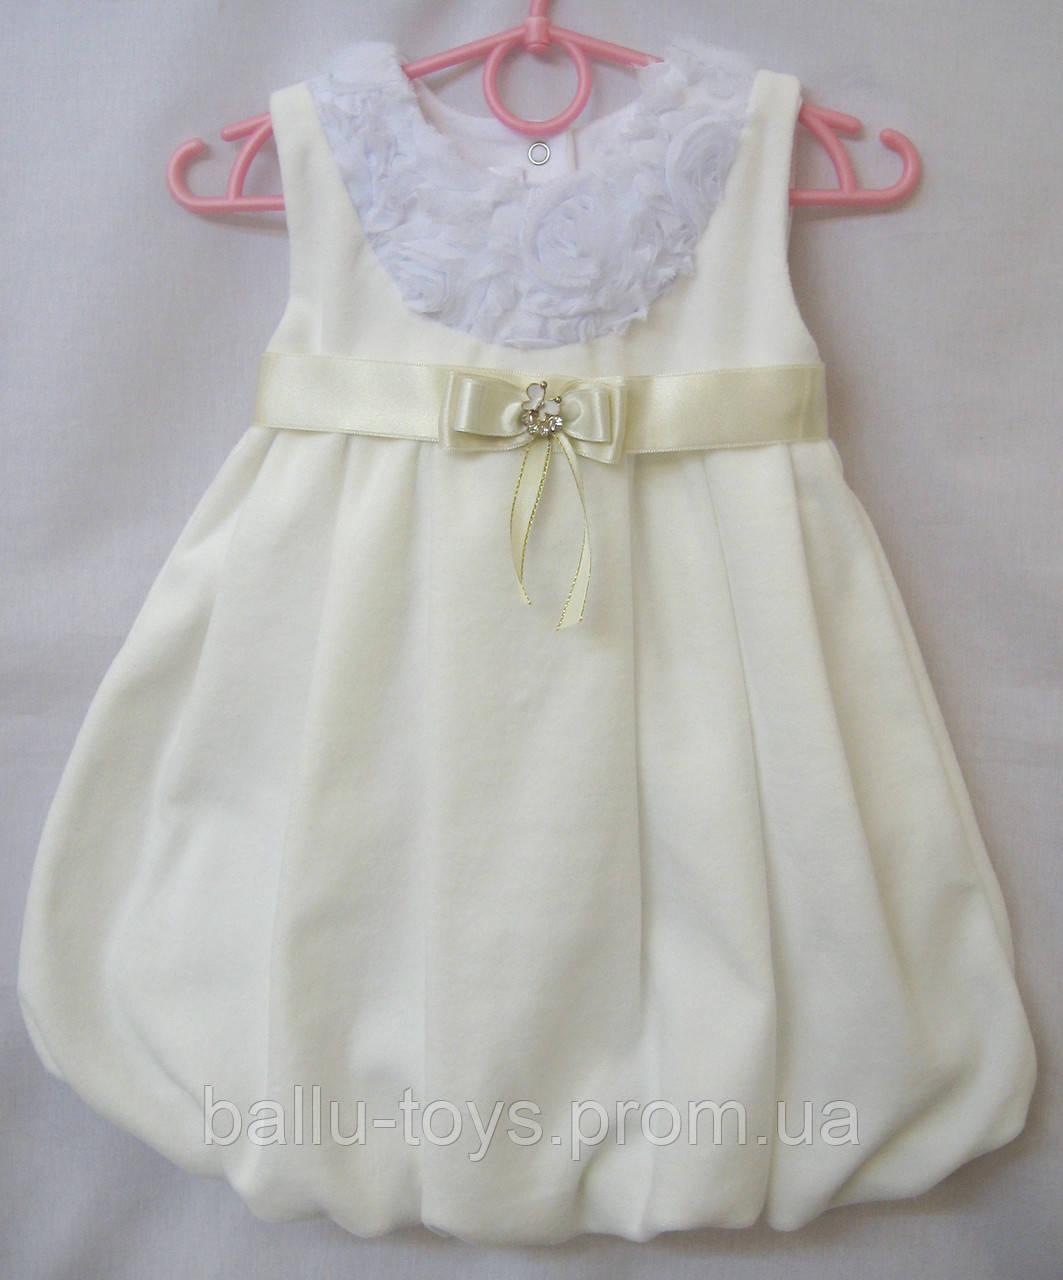 Купить платье для девочки 5 лет нарядное